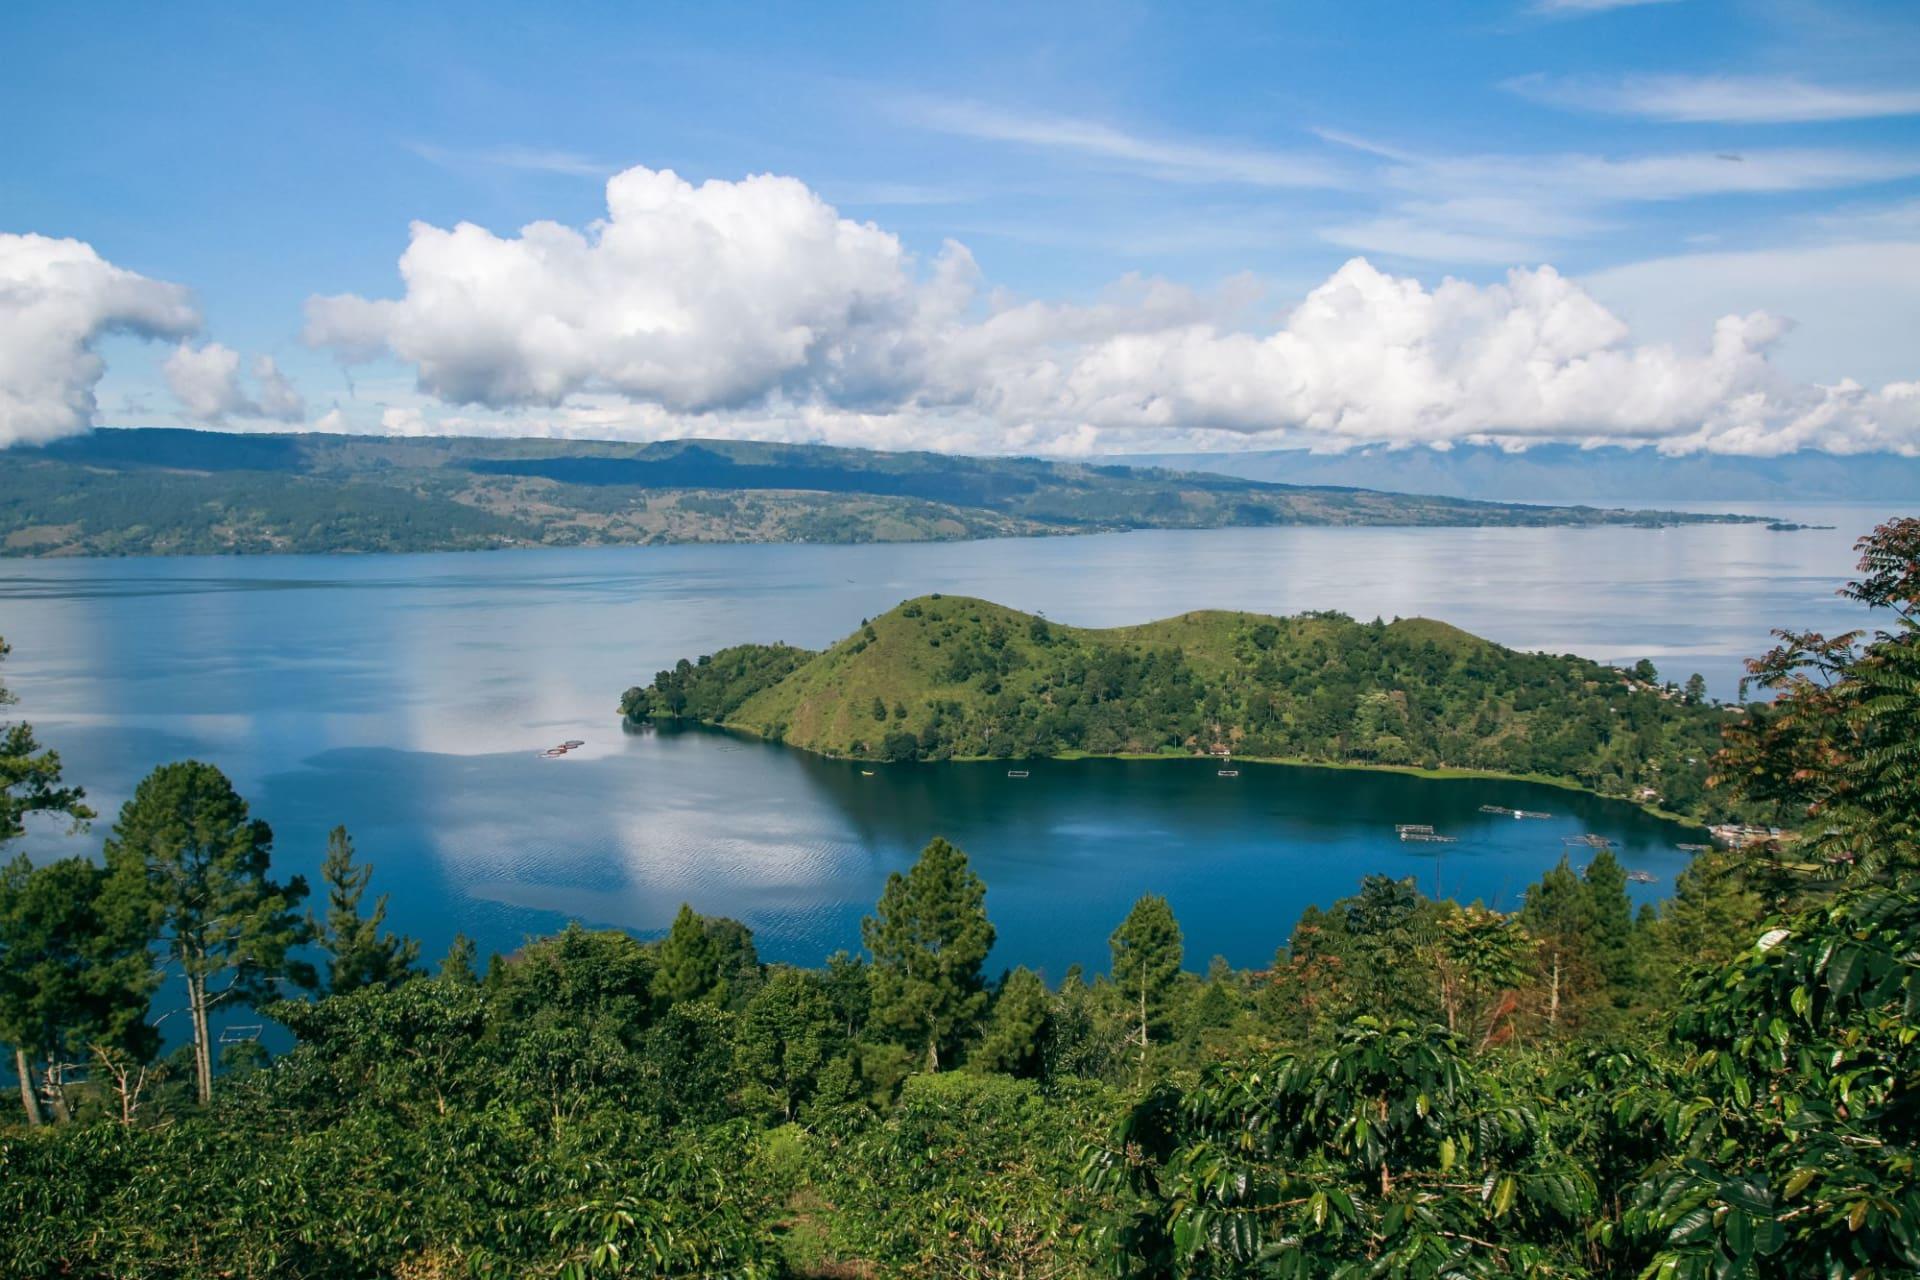 Sumatra Lake Toba